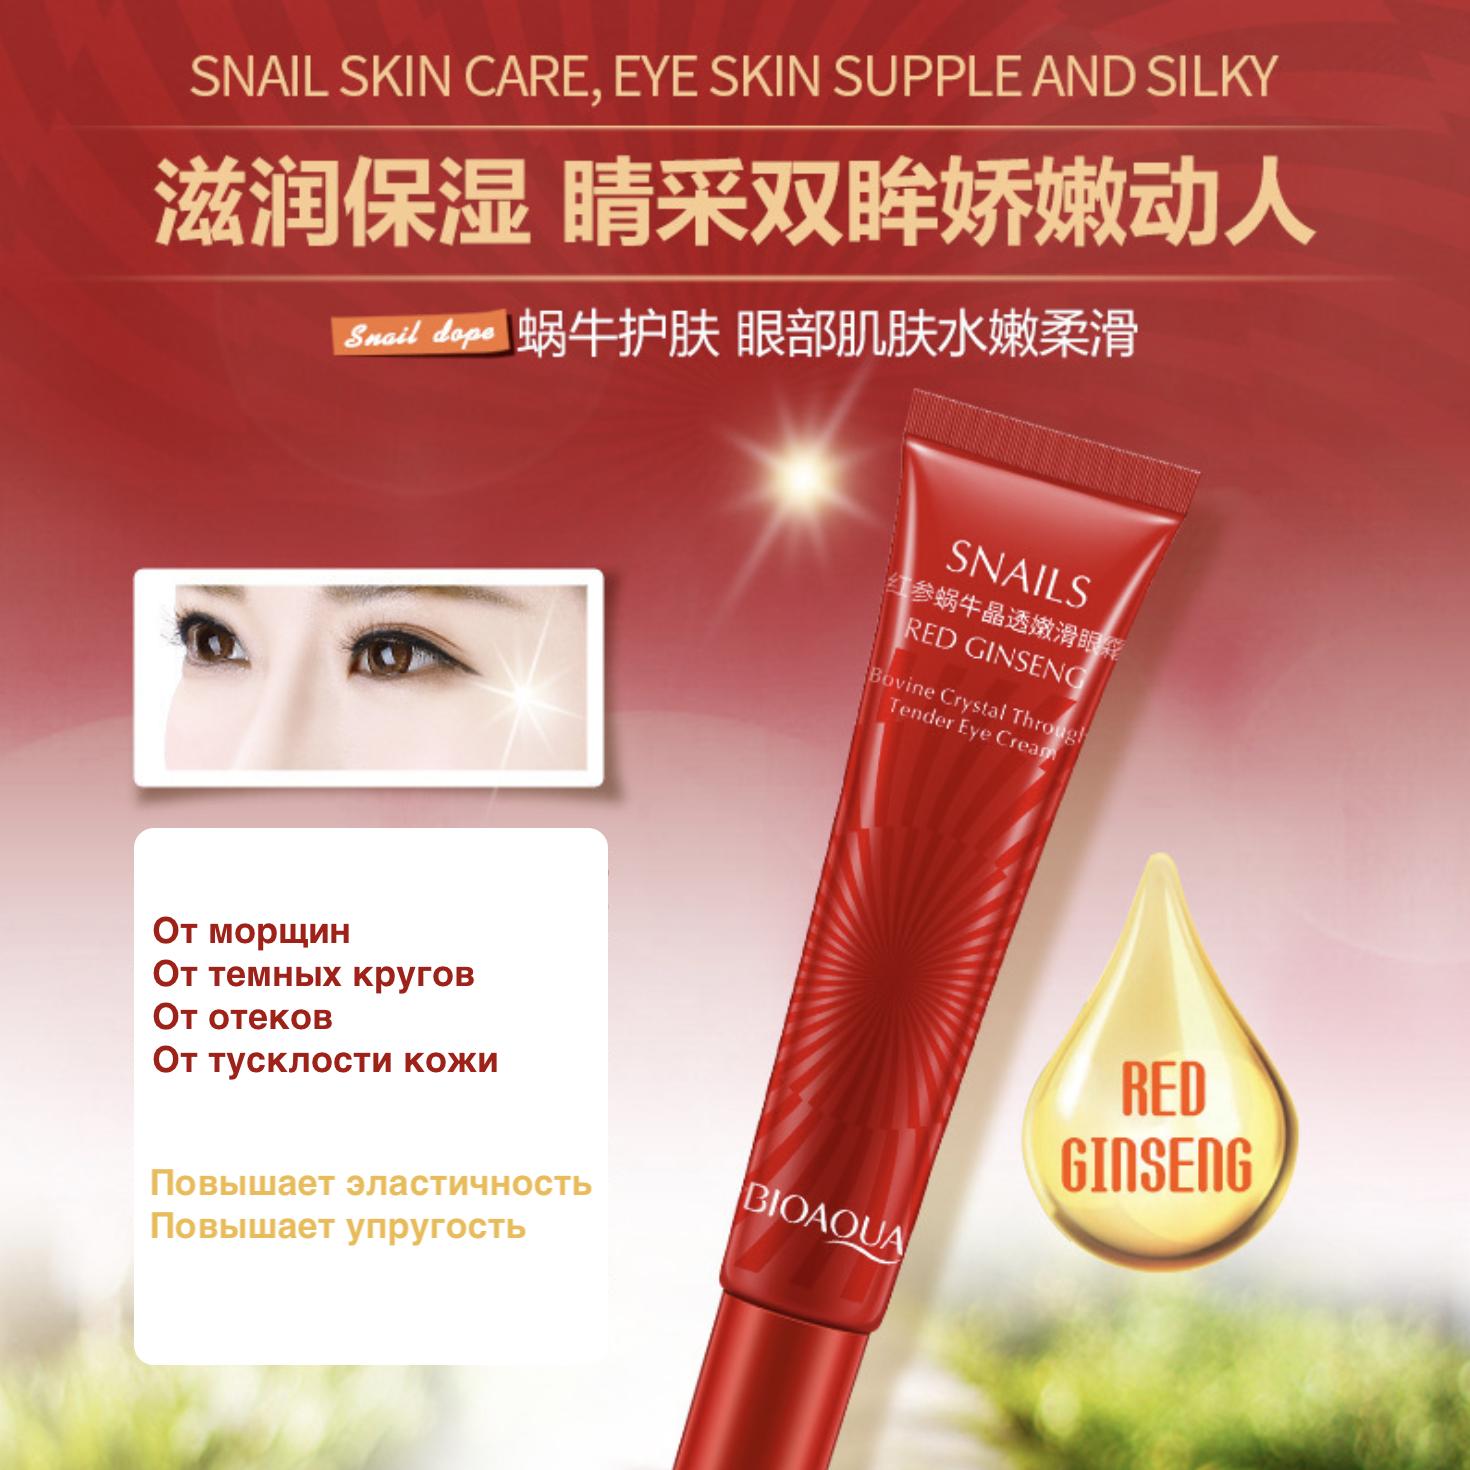 Омолаживающий крем для области вокруг глаз с муцином улитки и красным женьшенем, 20гр.